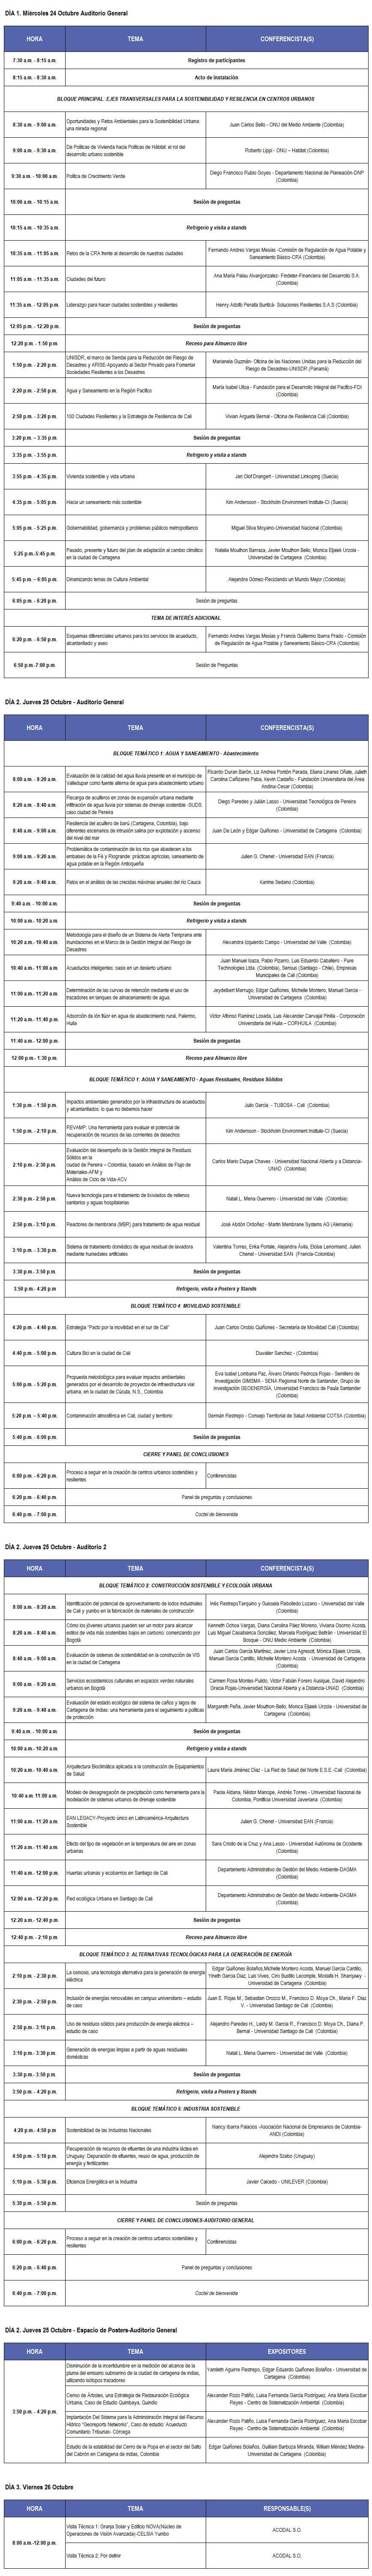 Calendario Completo 2018 Y 2019 Más Actual 2do Seminario Internacional Centros Urbanos sostenible Of Calendario Completo 2018 Y 2019 Más Caliente Equipamientos originales Equipamientosoriginales En Pinterest